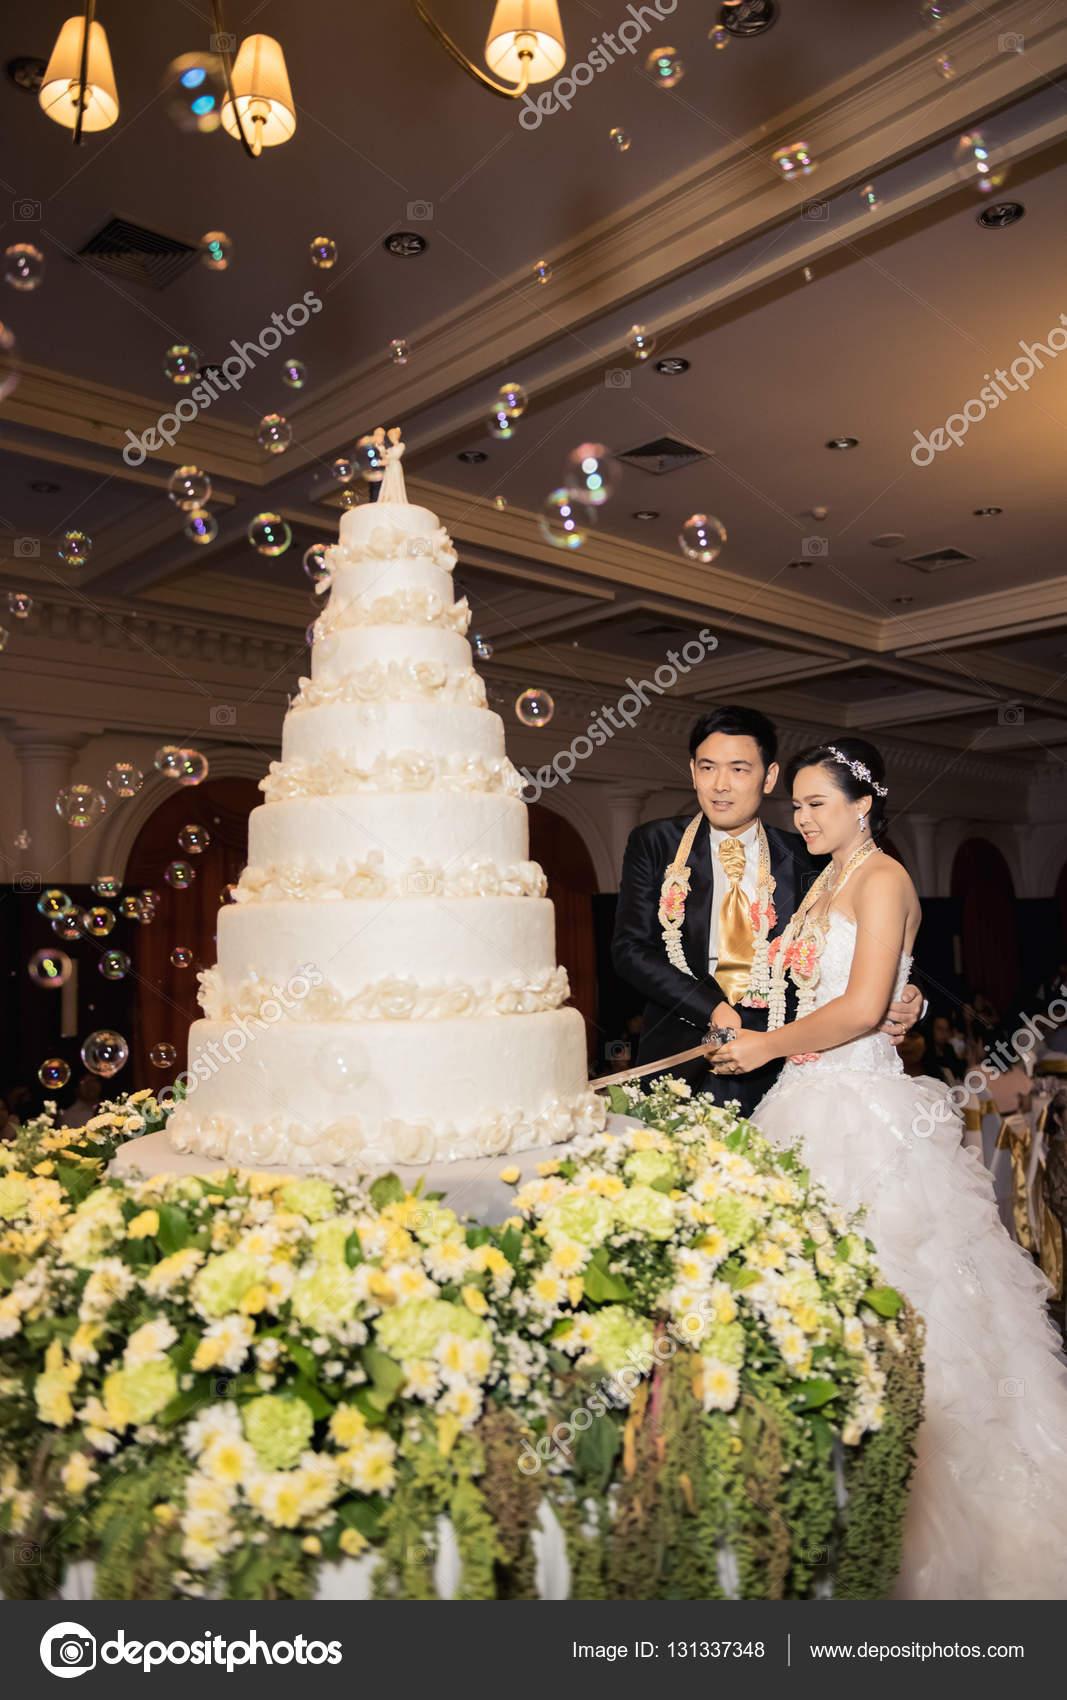 Auguri Matrimonio Per Lo Sposo : Sposa e lo sposo sono taglio torta per la celebrazione il